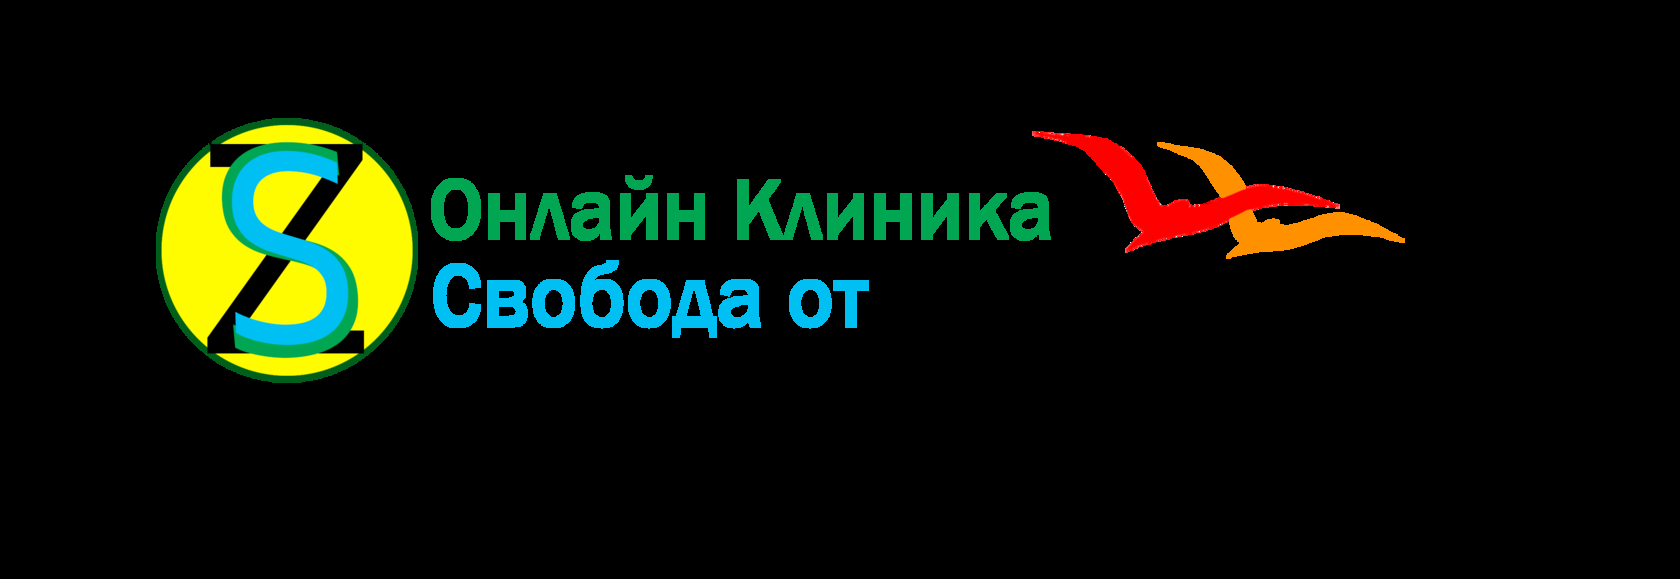 Яна Босык